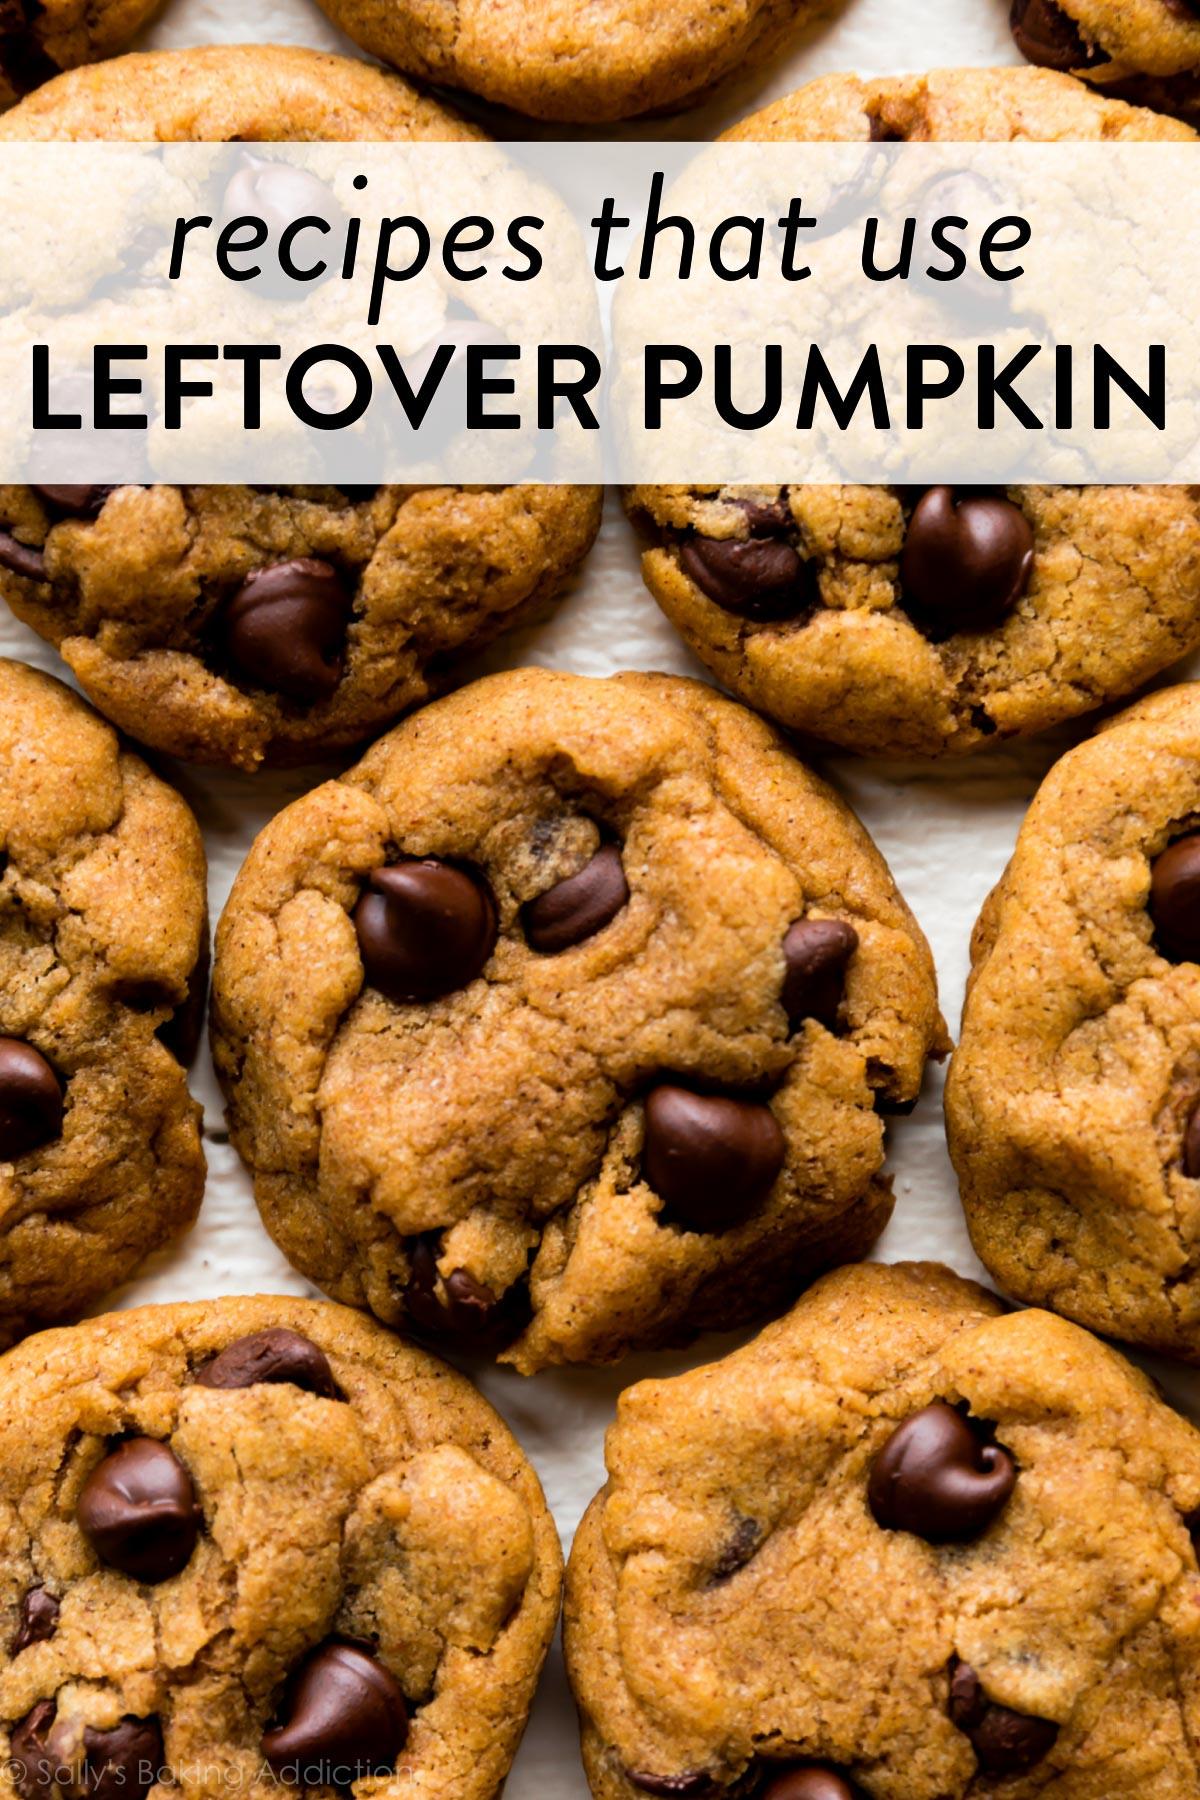 biscuits aux pépites de chocolat à la citrouille avec superposition de texte indiquant des recettes utilisant des restes de citrouille